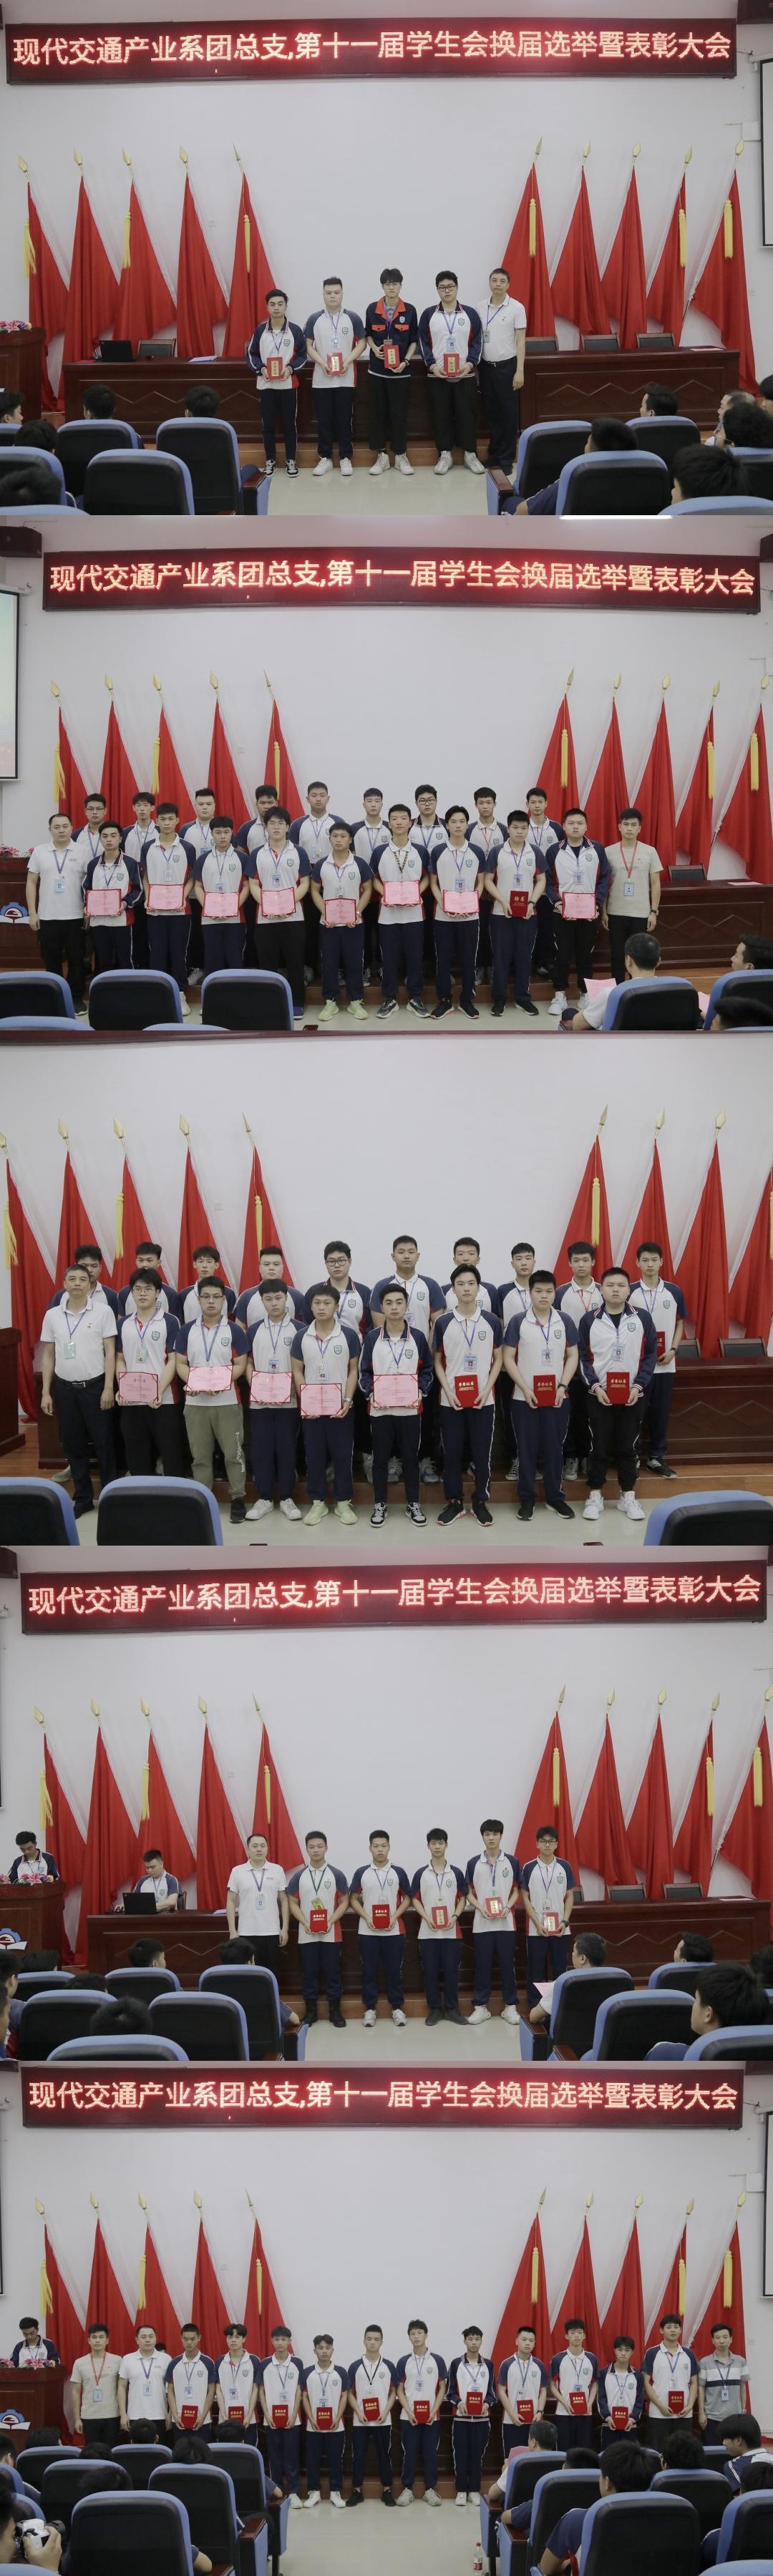 06表彰优秀团干、优秀团员、优秀学生会干部.jpg